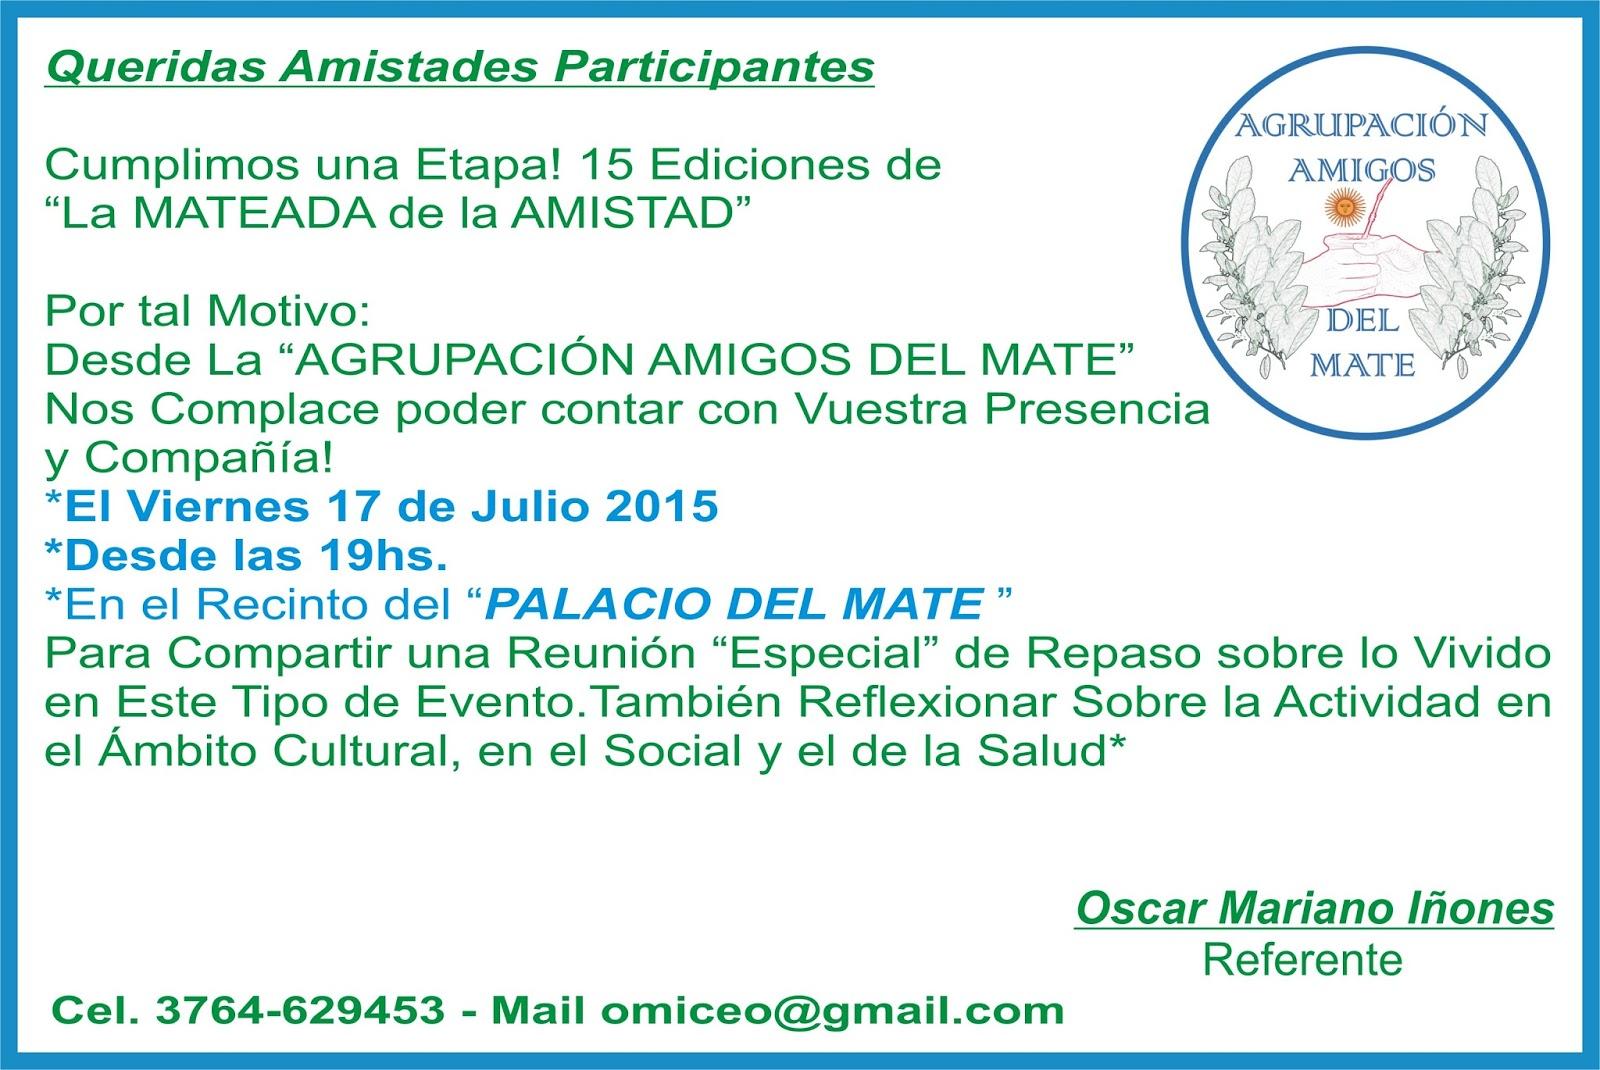 Invitación X Reunión Y Mateada De La Amistad Xv